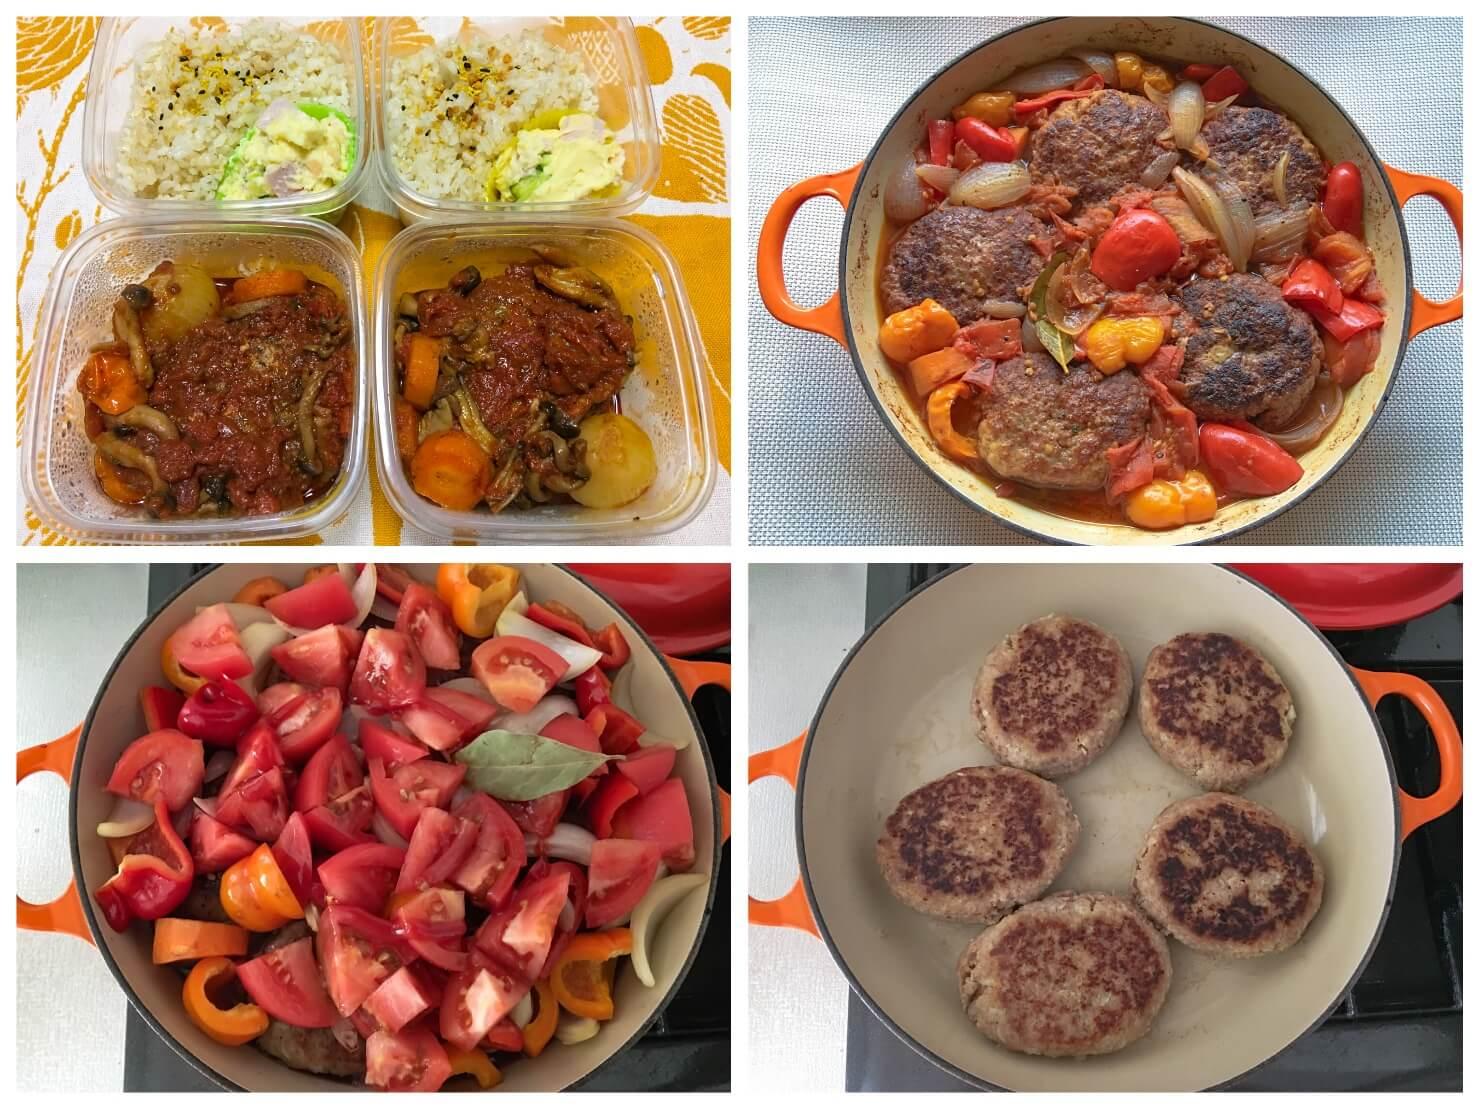 煮込みハンバーグと煮込みハンバーグのお弁当の写真